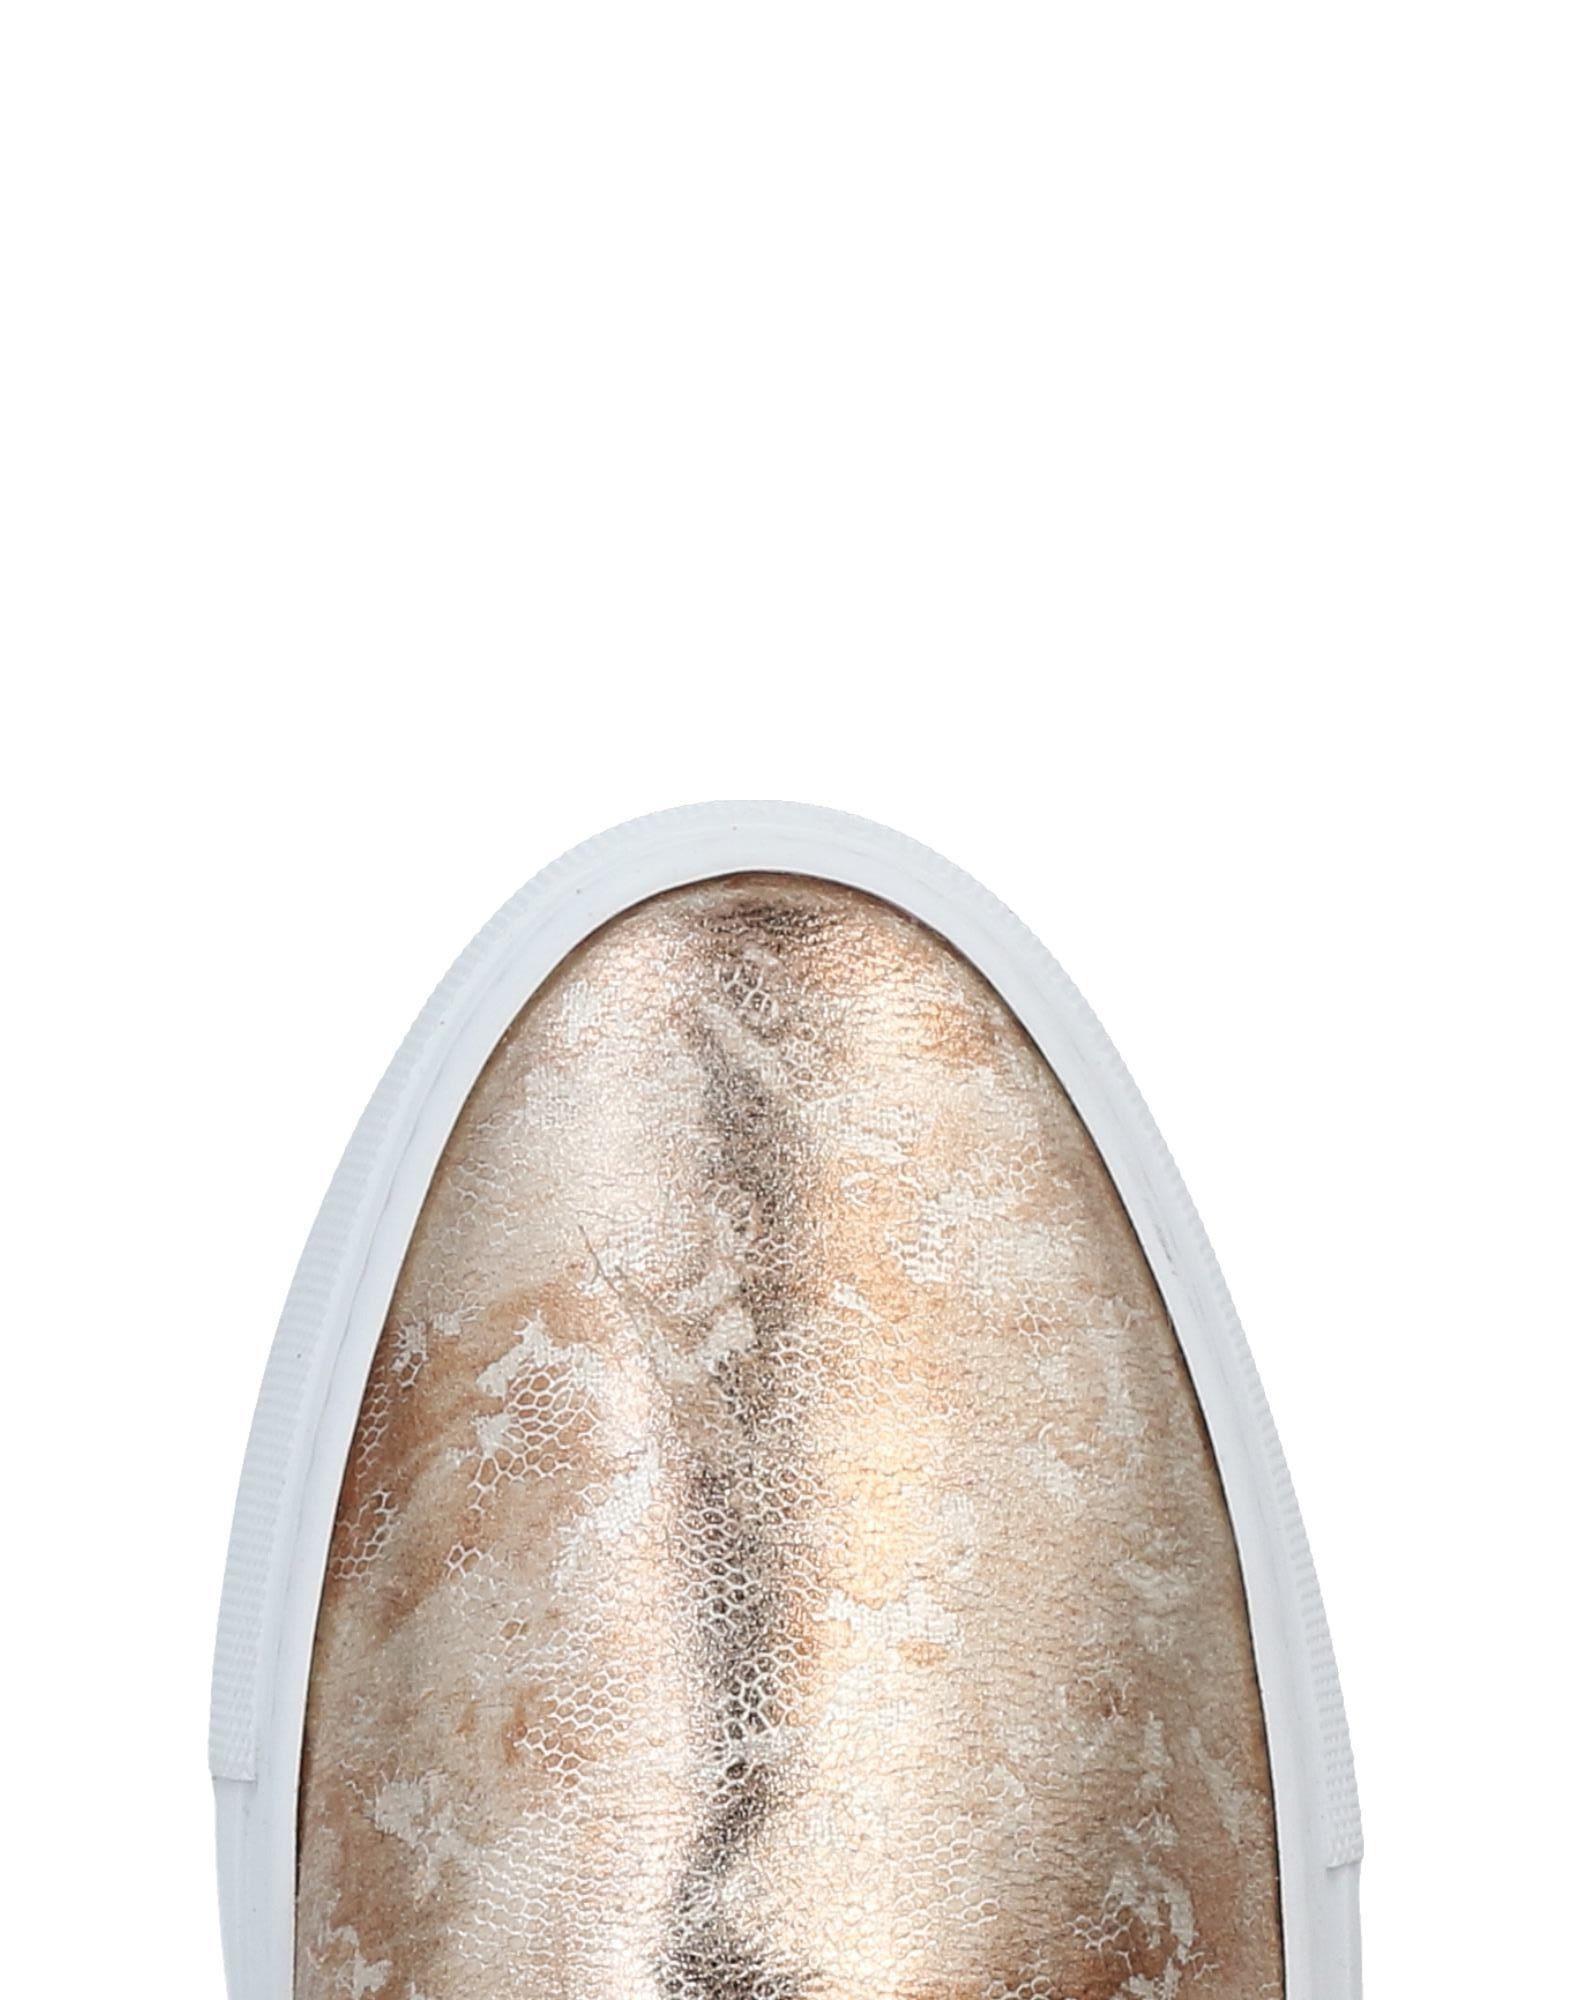 Rodo Sneakers Damen Gutes Preis-Leistungs-Verhältnis, es sich lohnt sich es eb1773